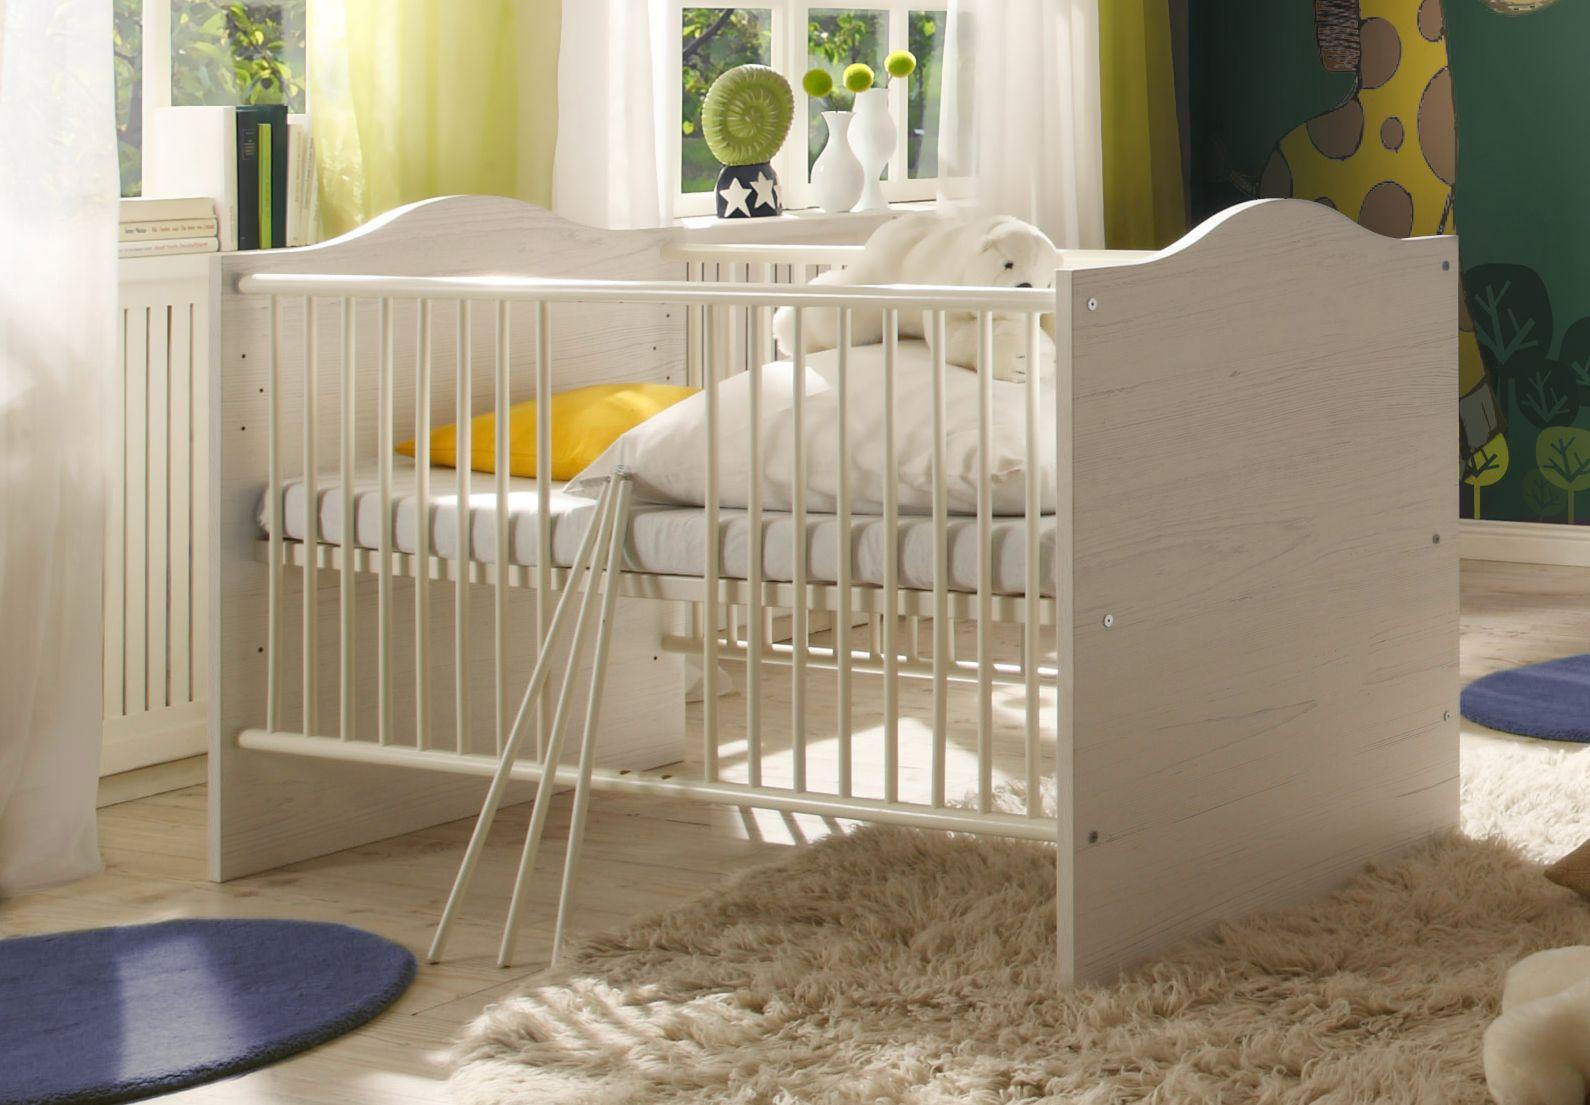 Babybett leni babybetten kinder und jugendzimmer for Jugendzimmer sale